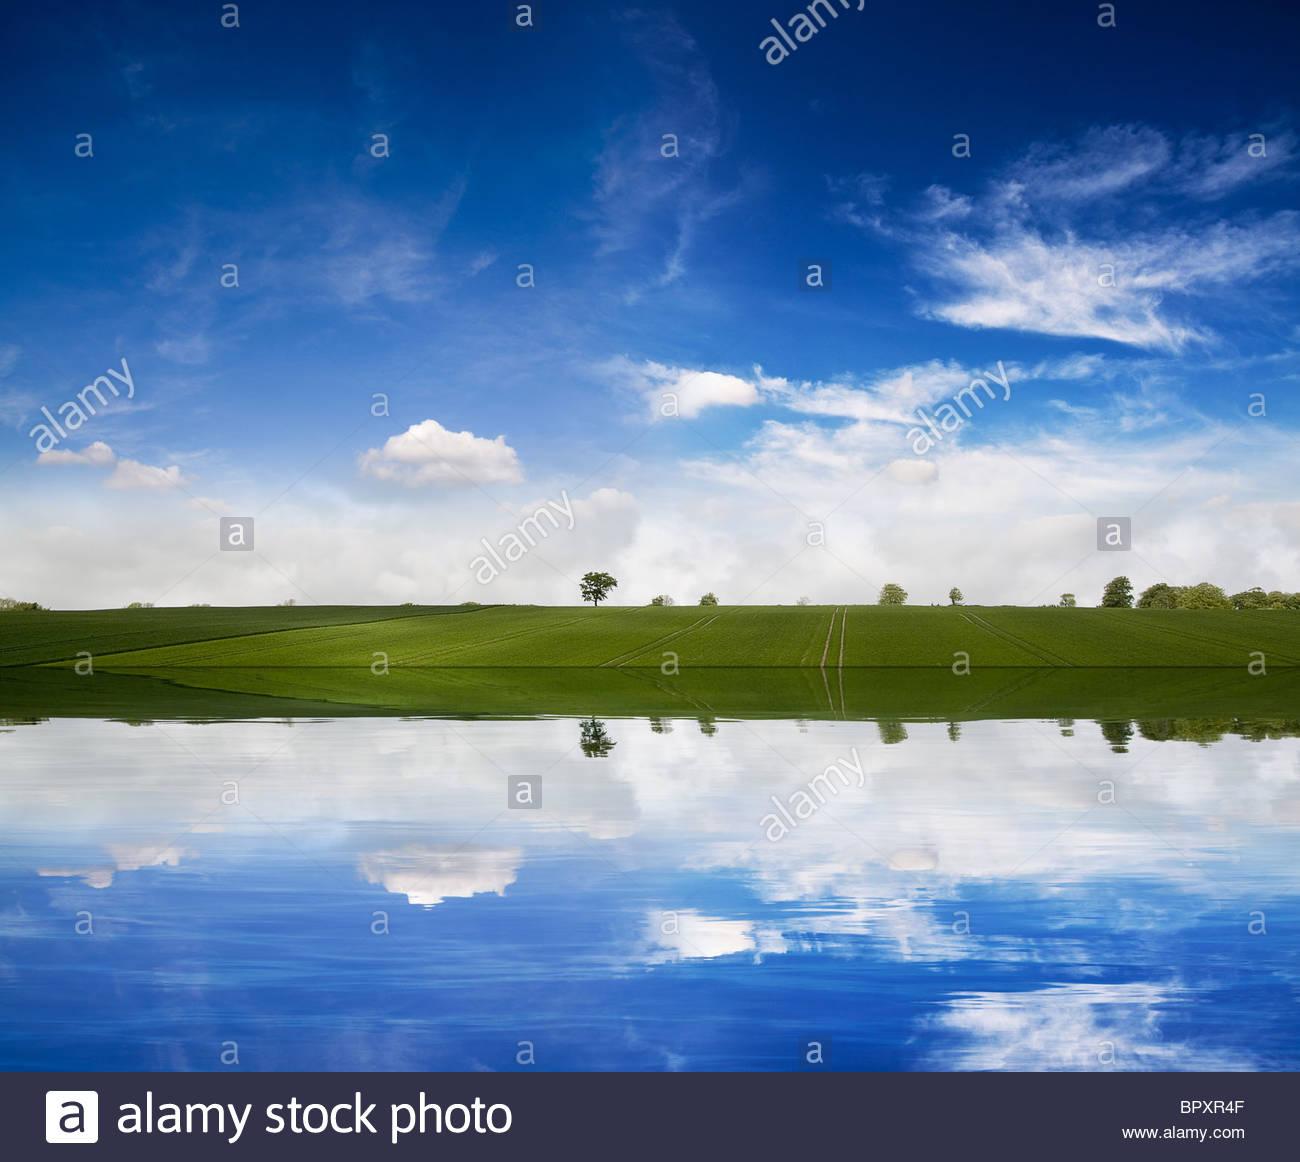 Landscape reflection - Stock Image